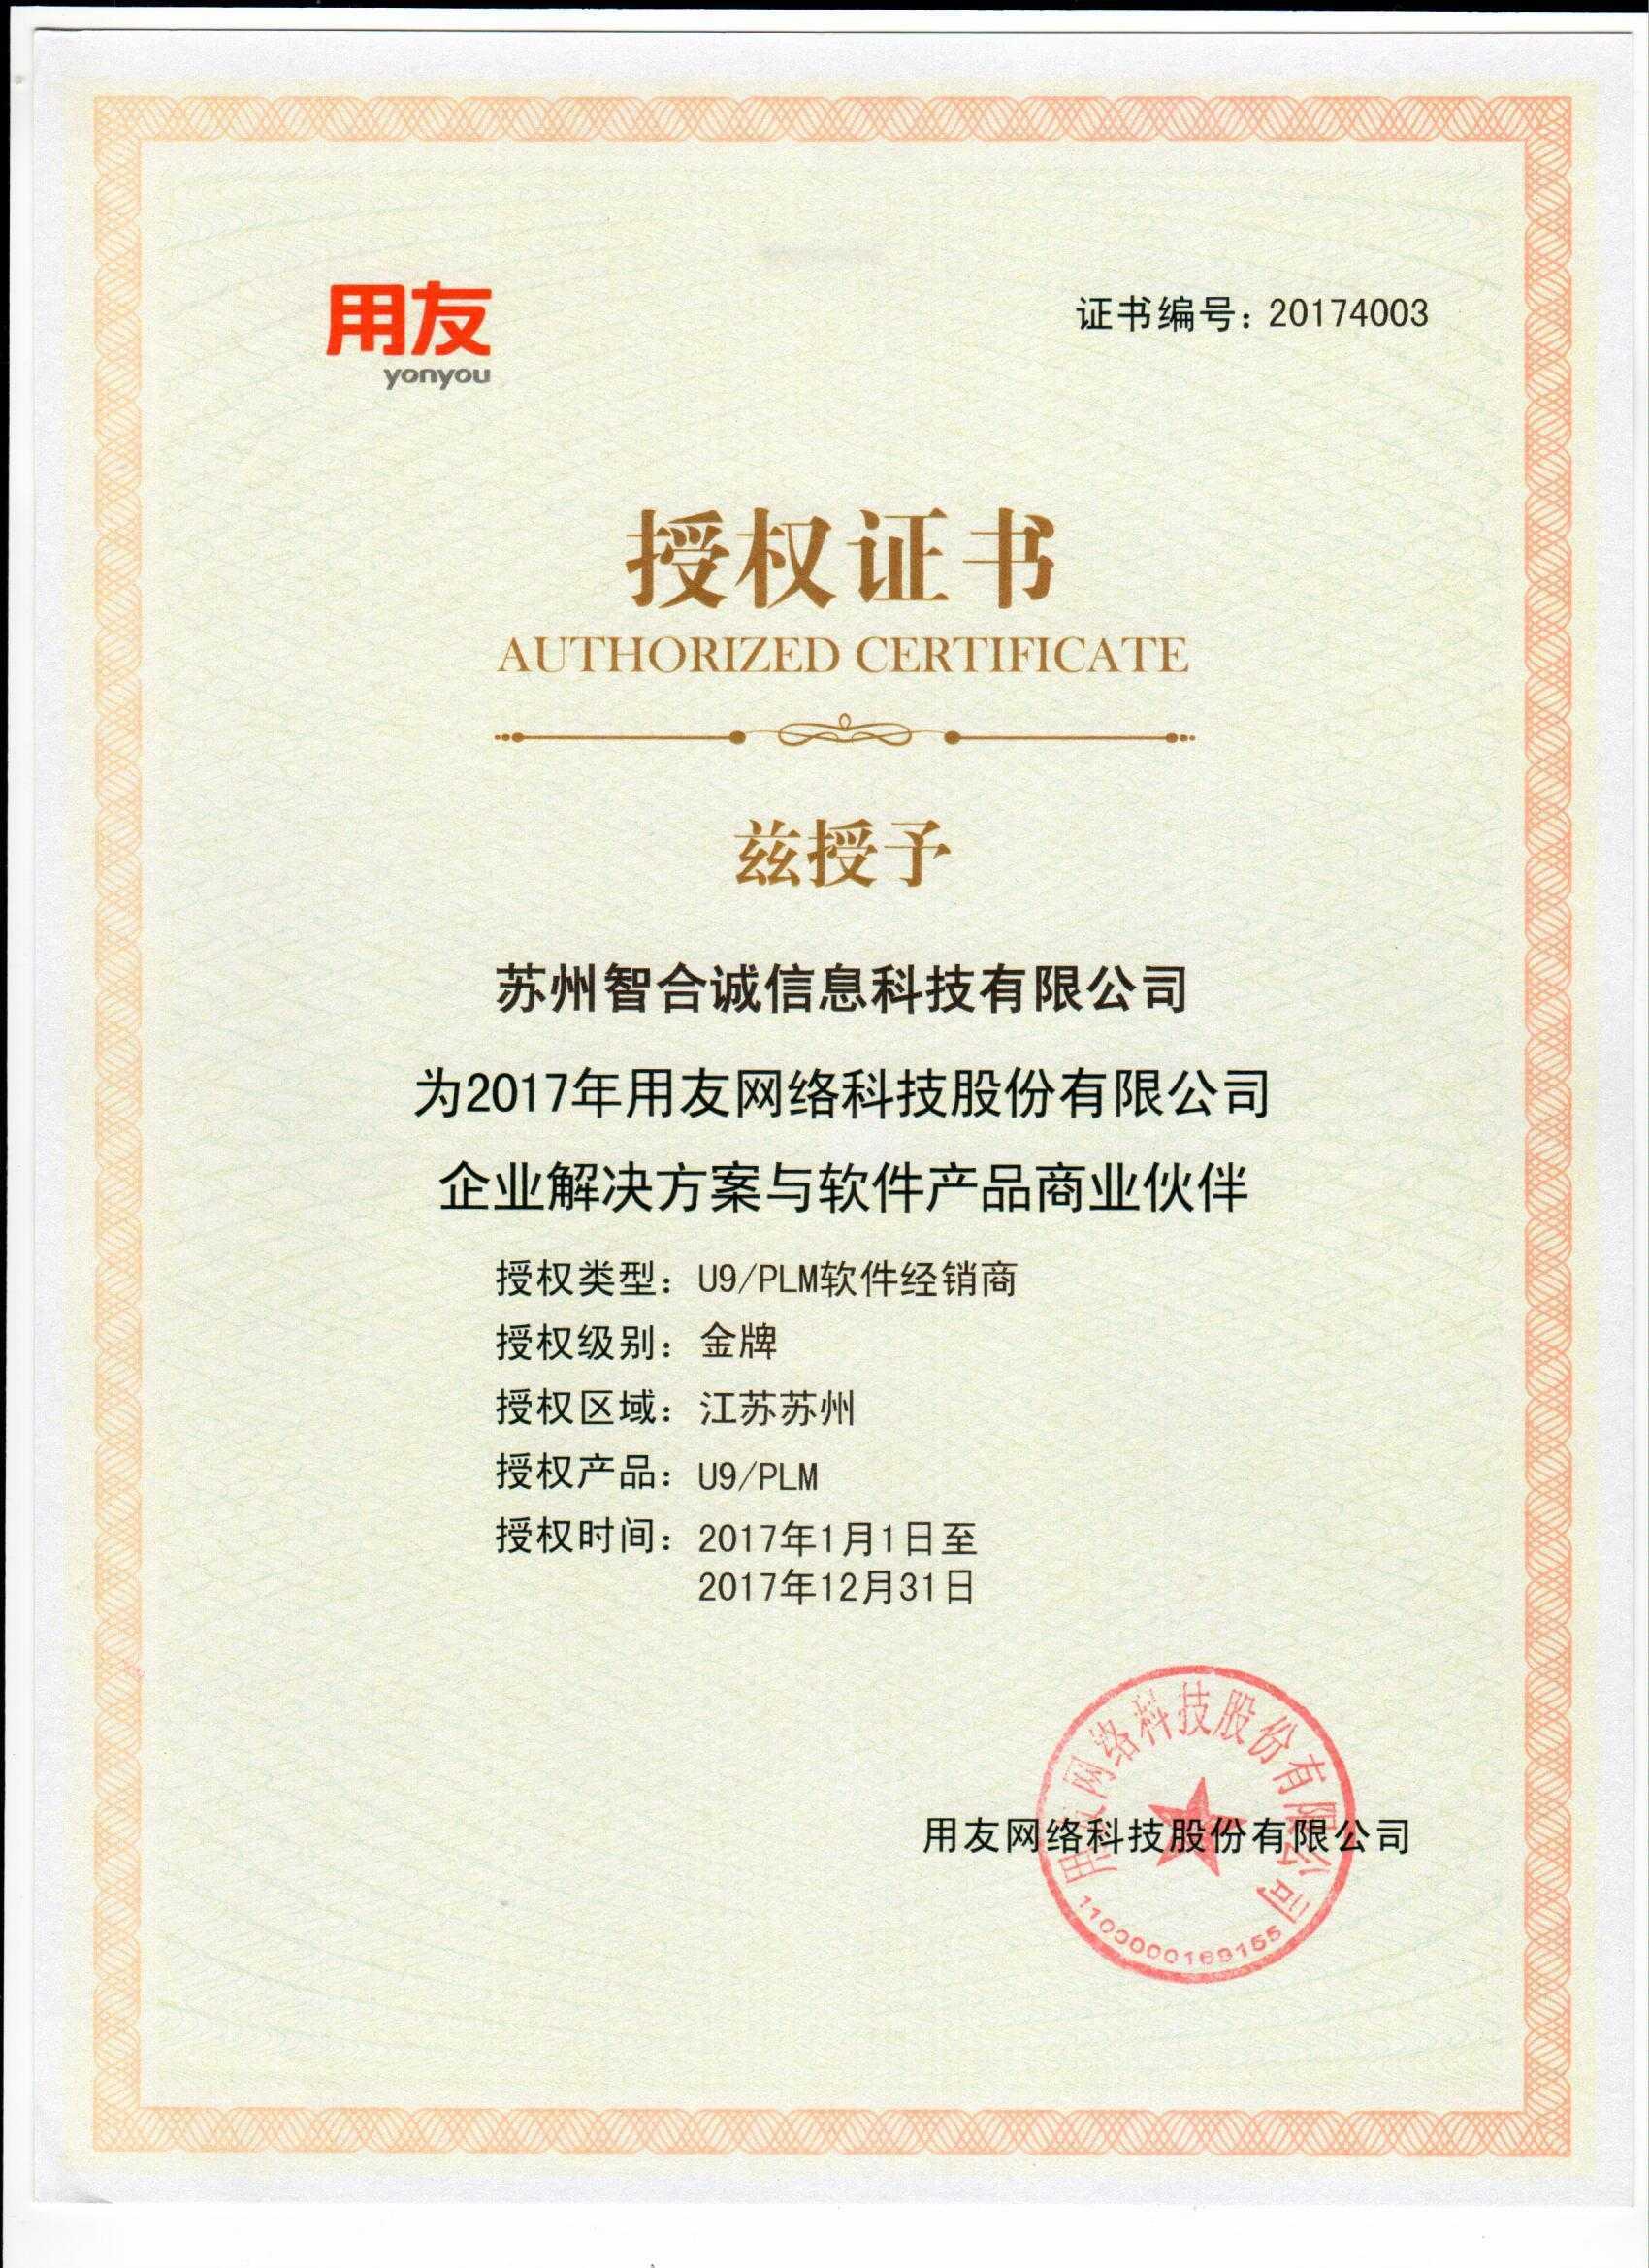 U9/PLM授權證書